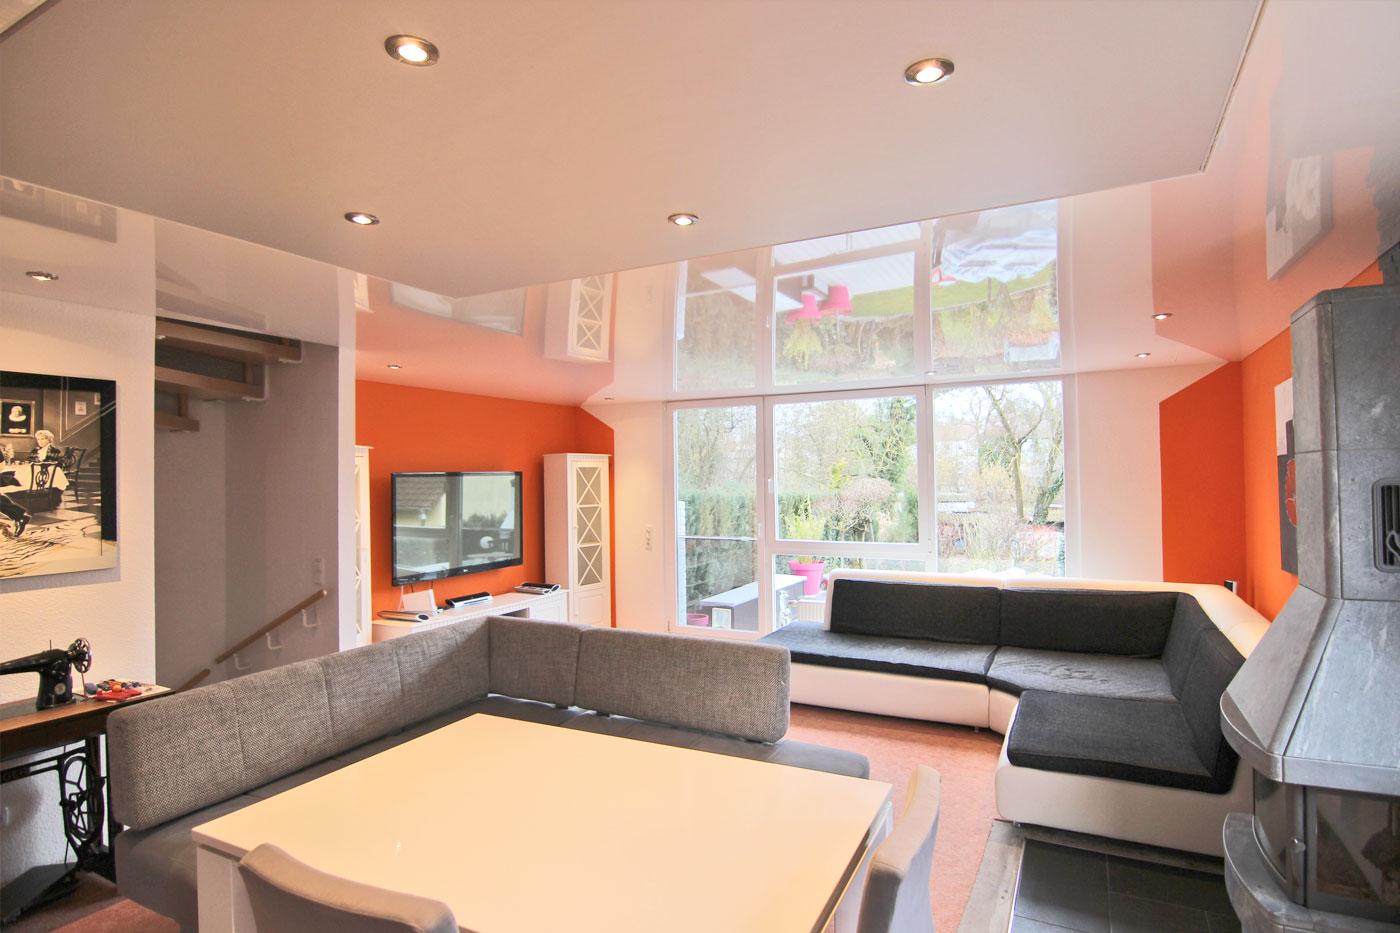 Spanndeckenstudio Teller - Referenzen - Wohnzimmer 001